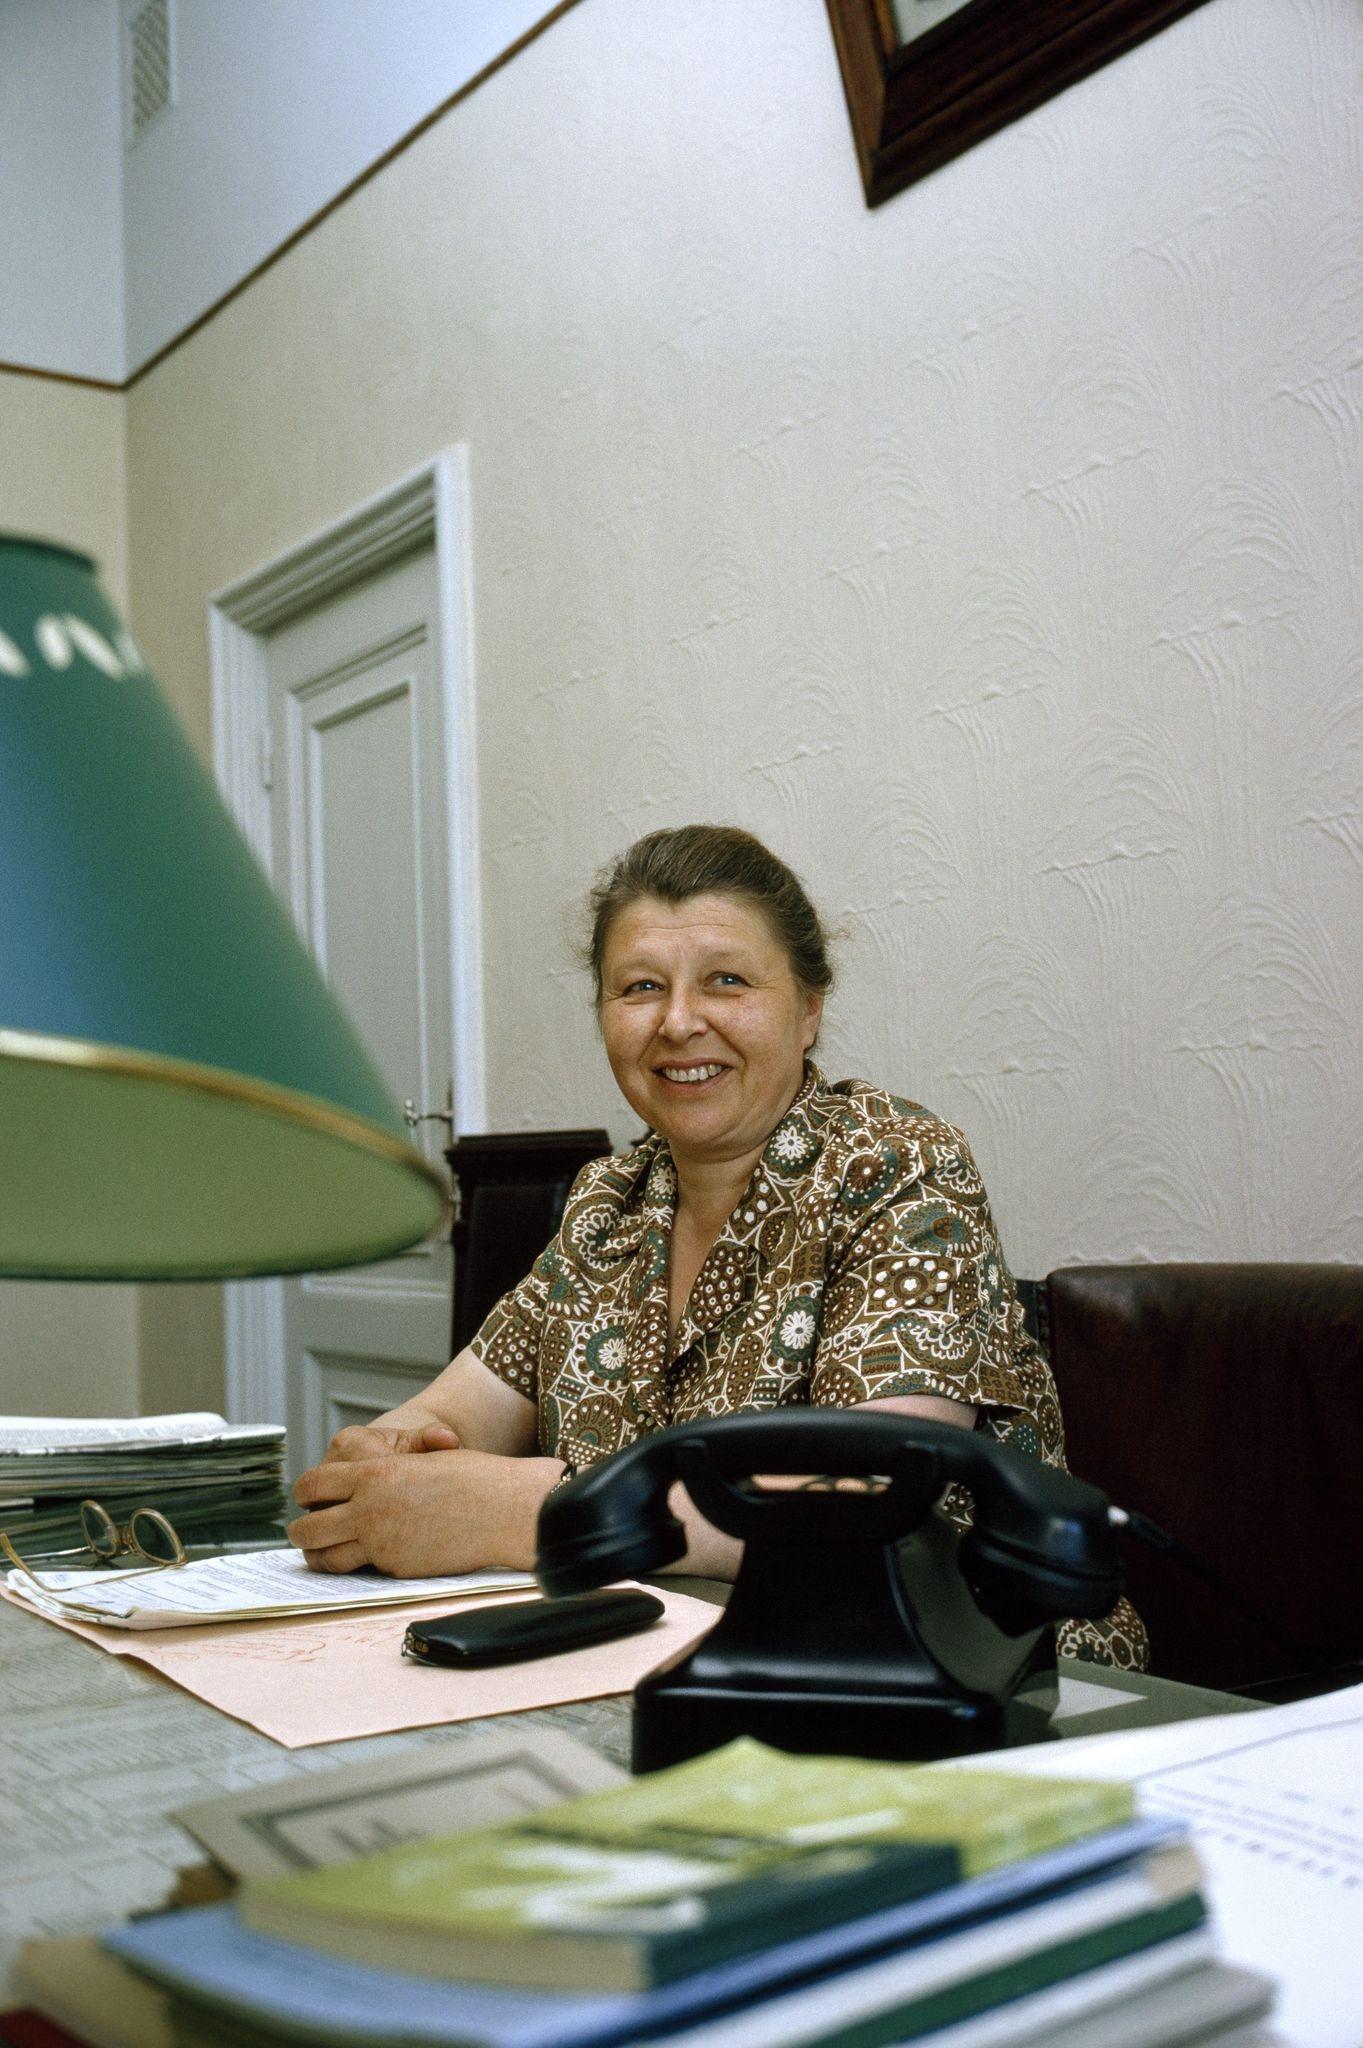 1964. Заместитель мэра Москвы позирует за столом